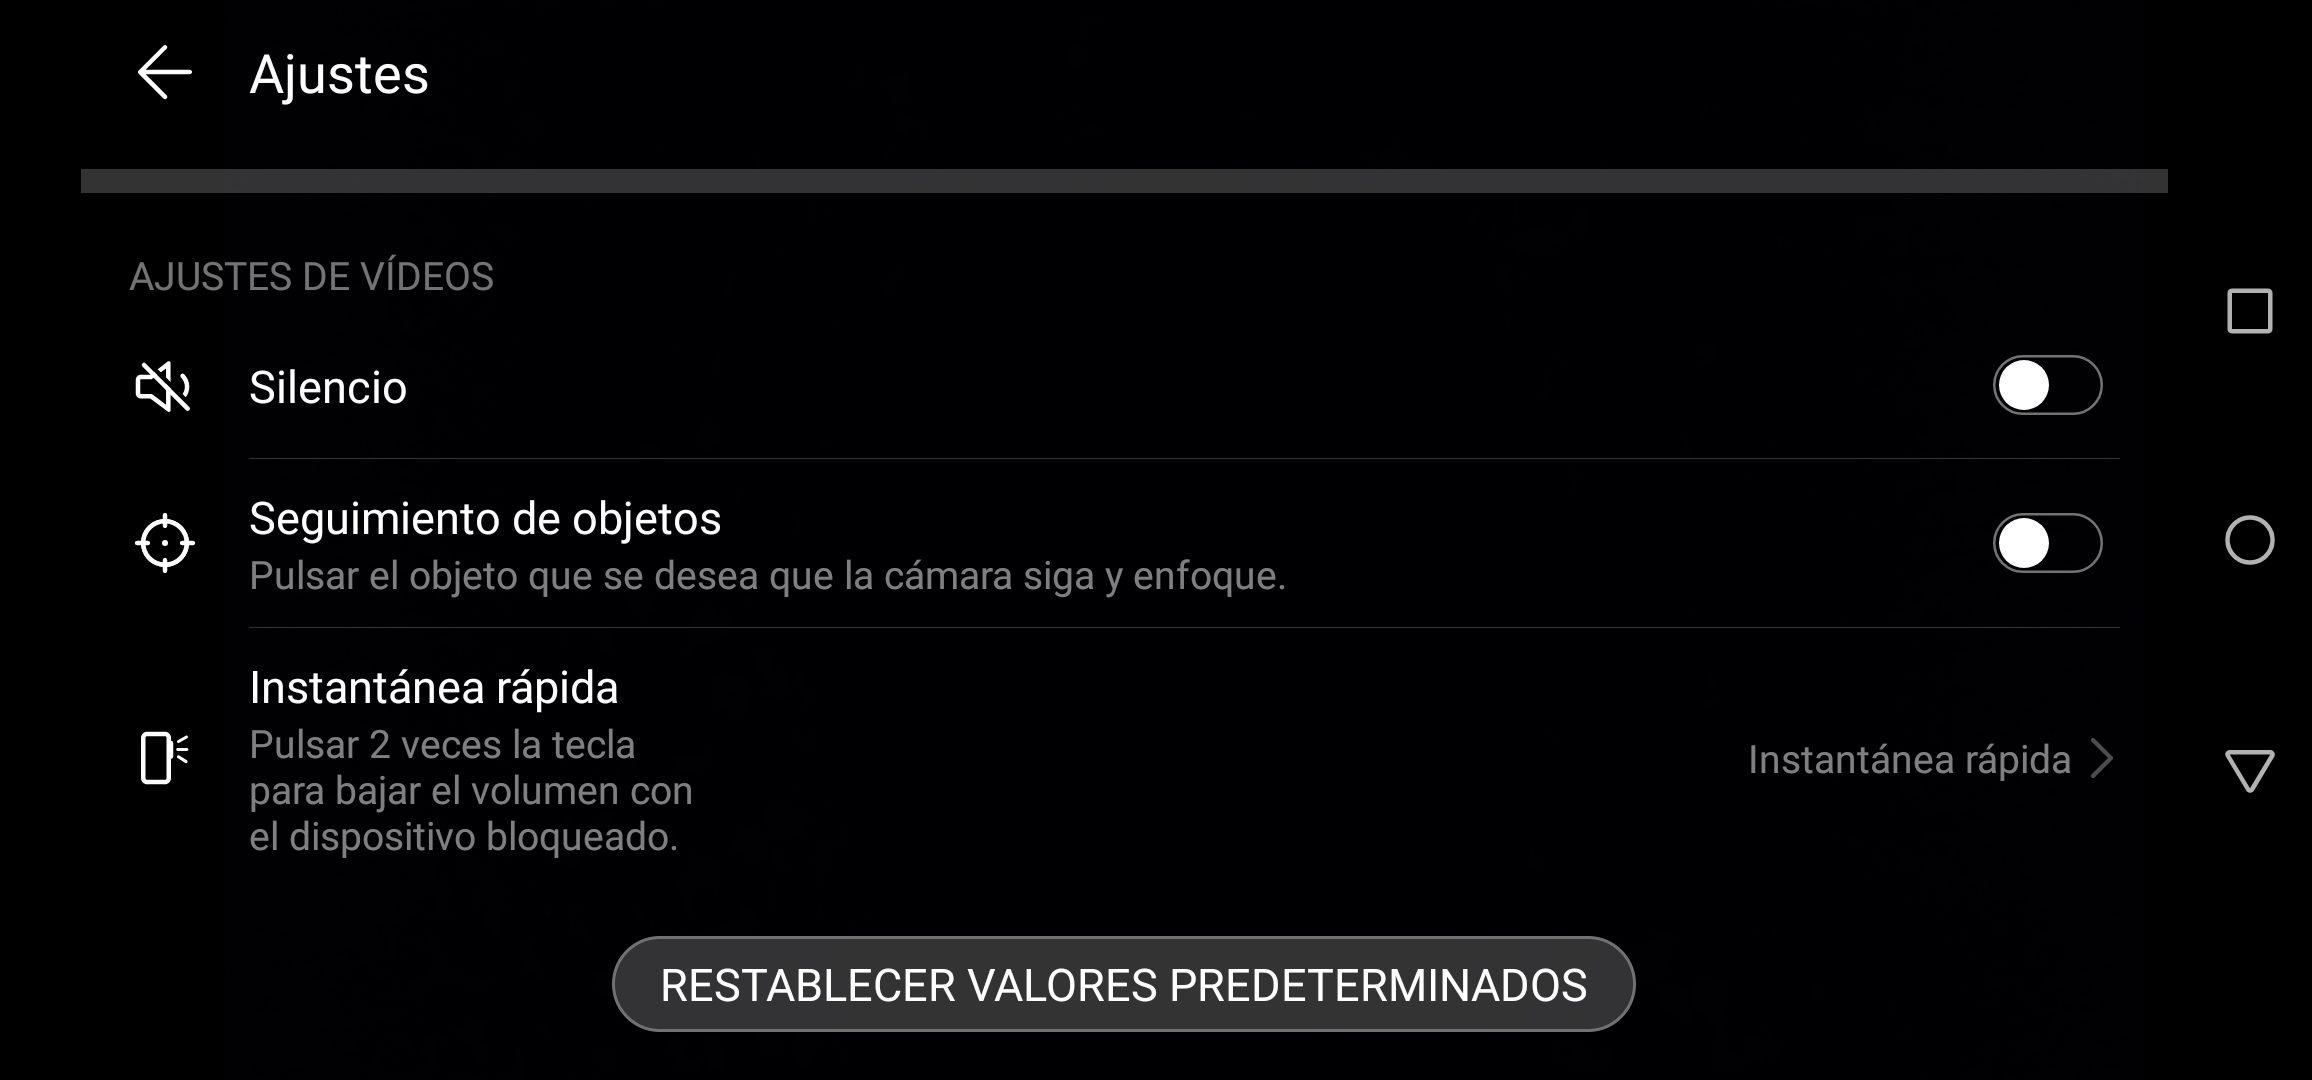 Opciones al grabar vídeo en el Huawei P30 Lite